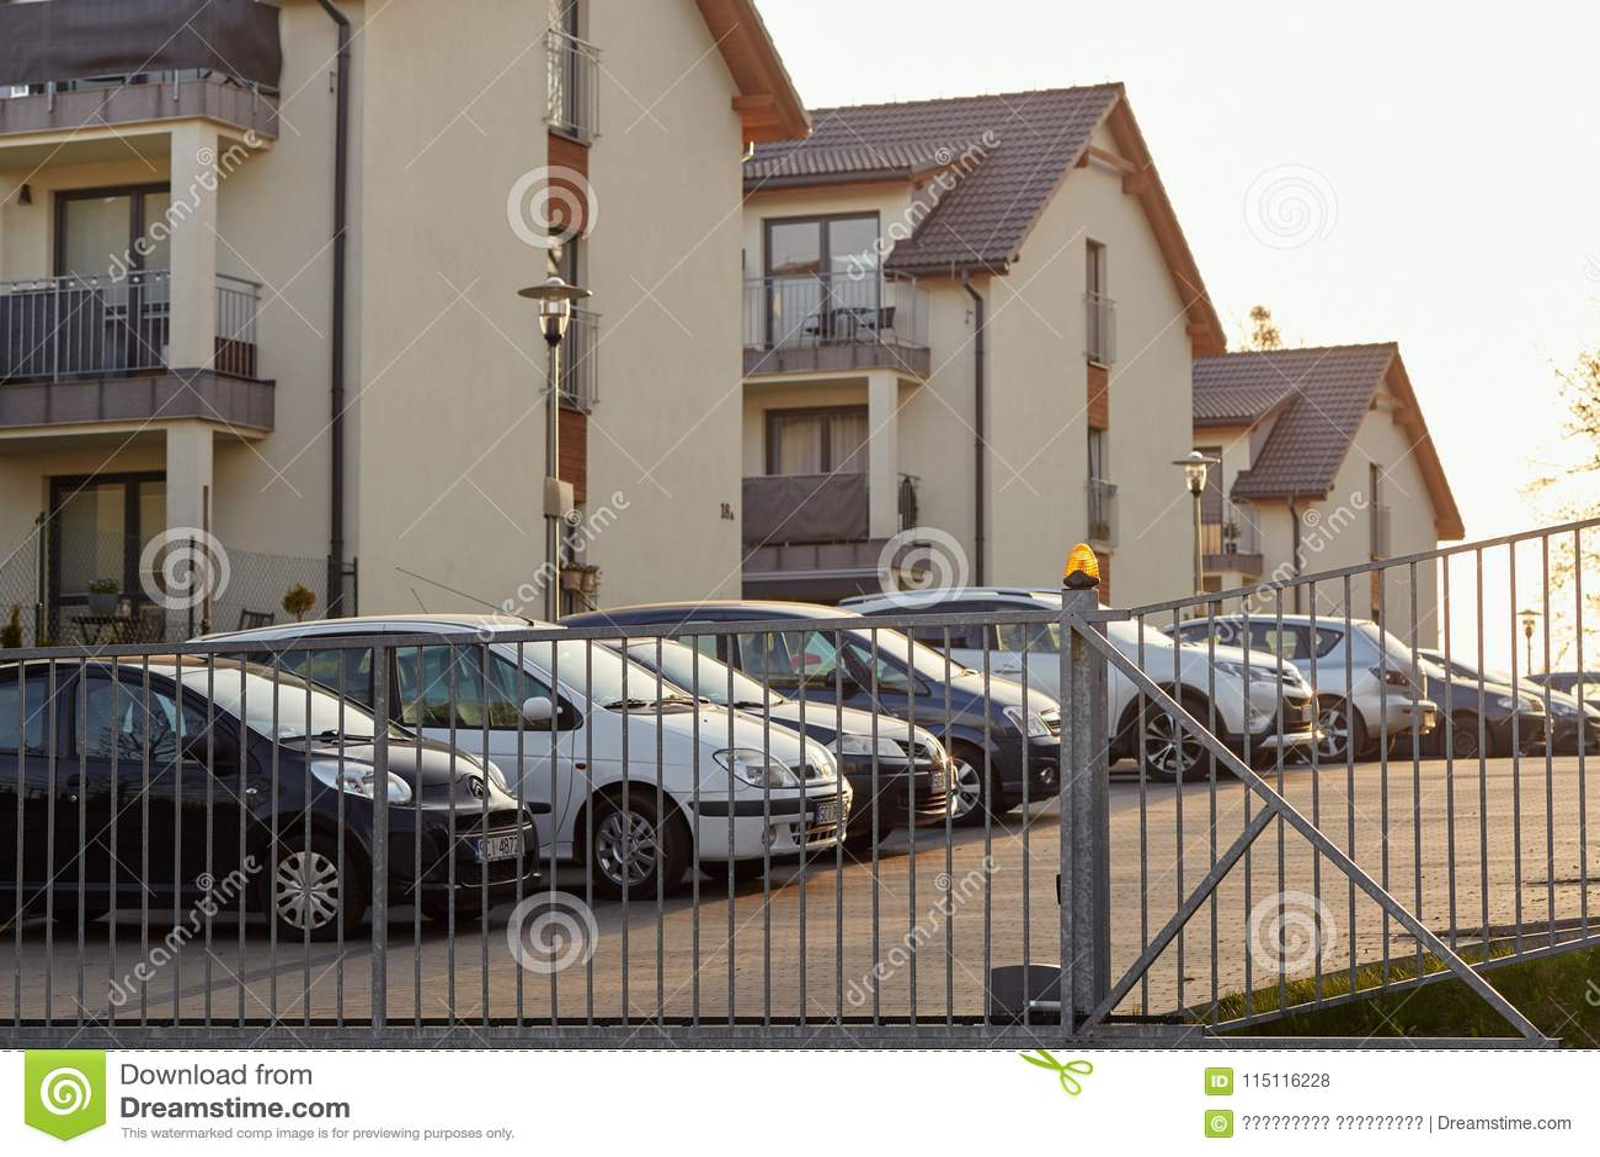 Cieszyn, Polonia - 15 aprile 2018: L automobile è parcheggiata in un parcheggio privato dietro il portone di rotolamento